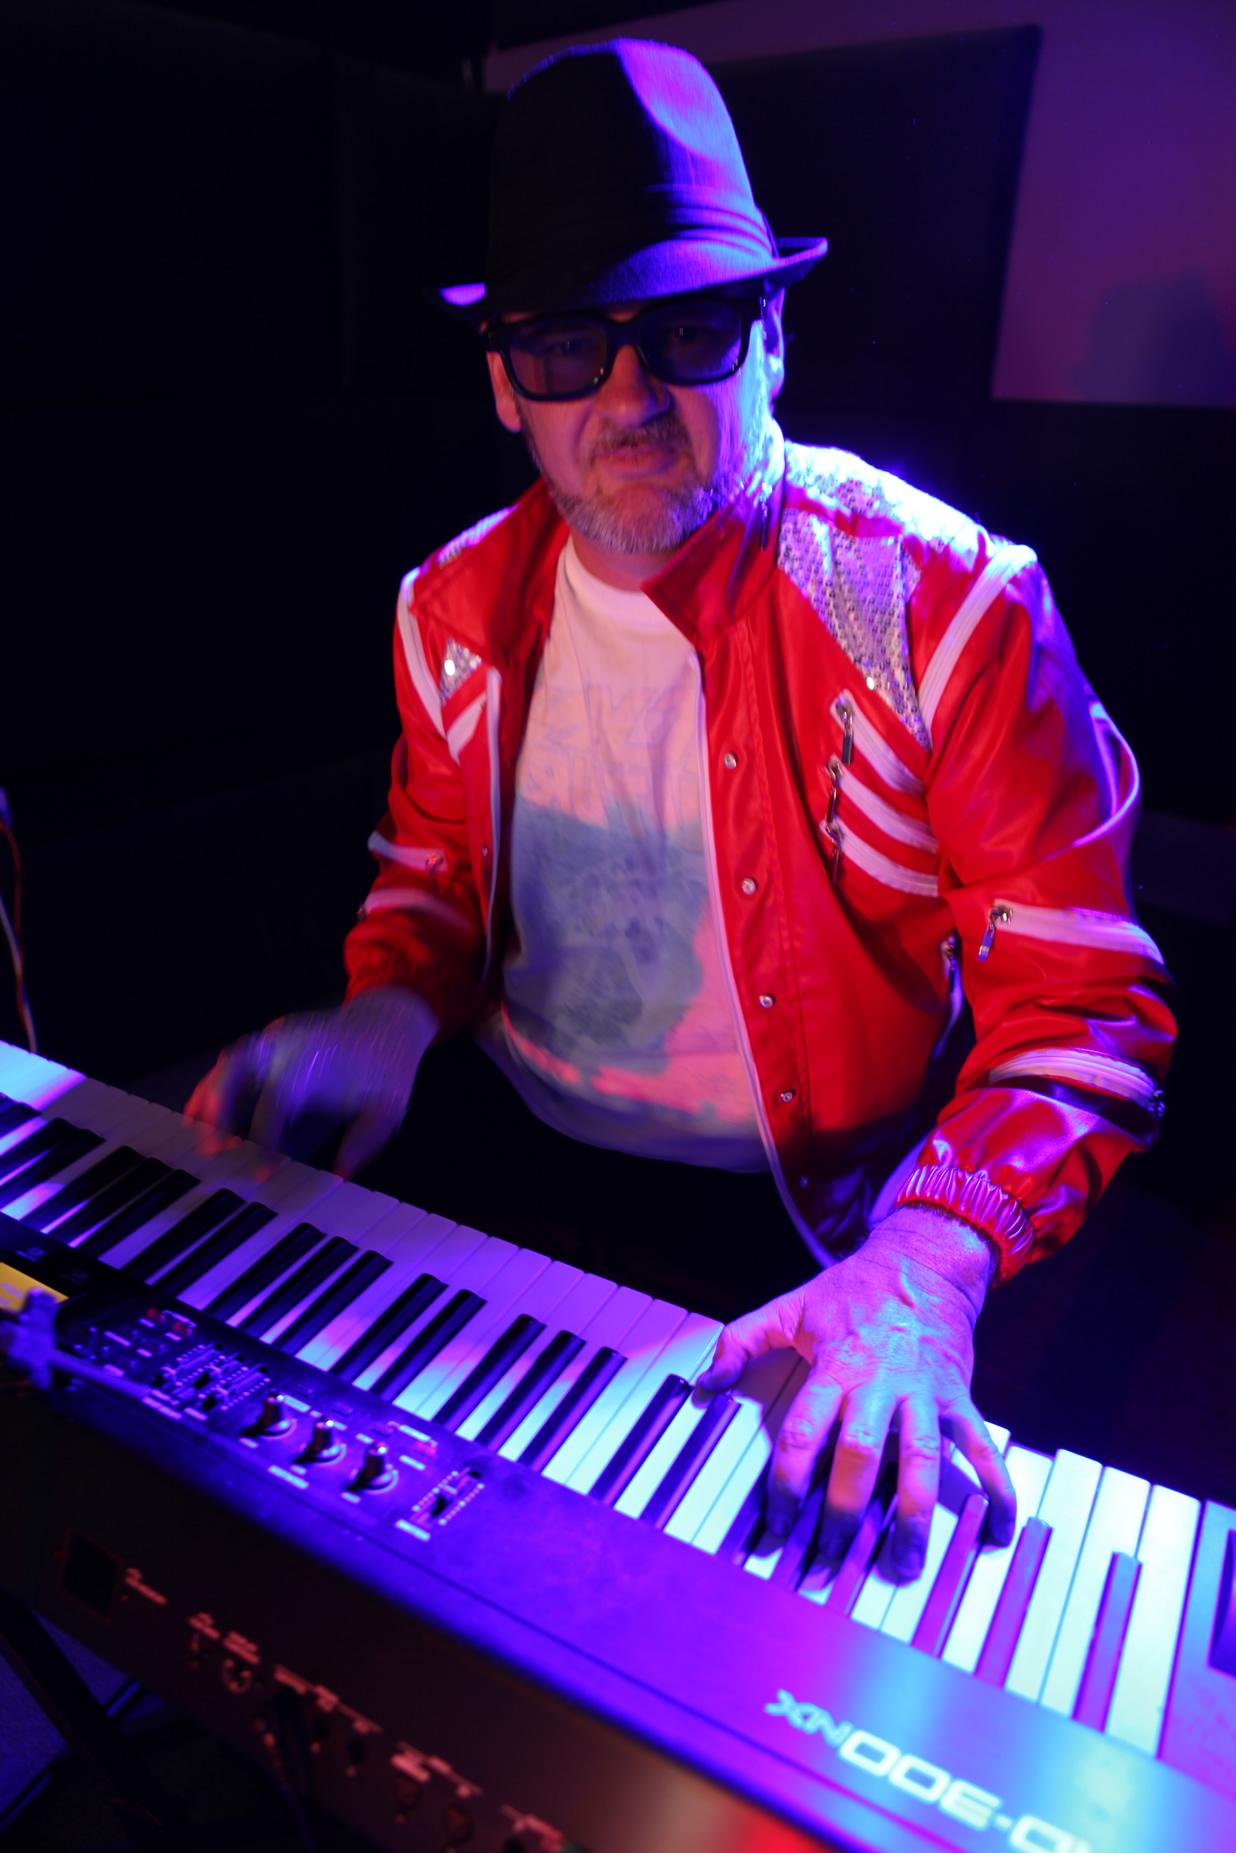 Steve on keys